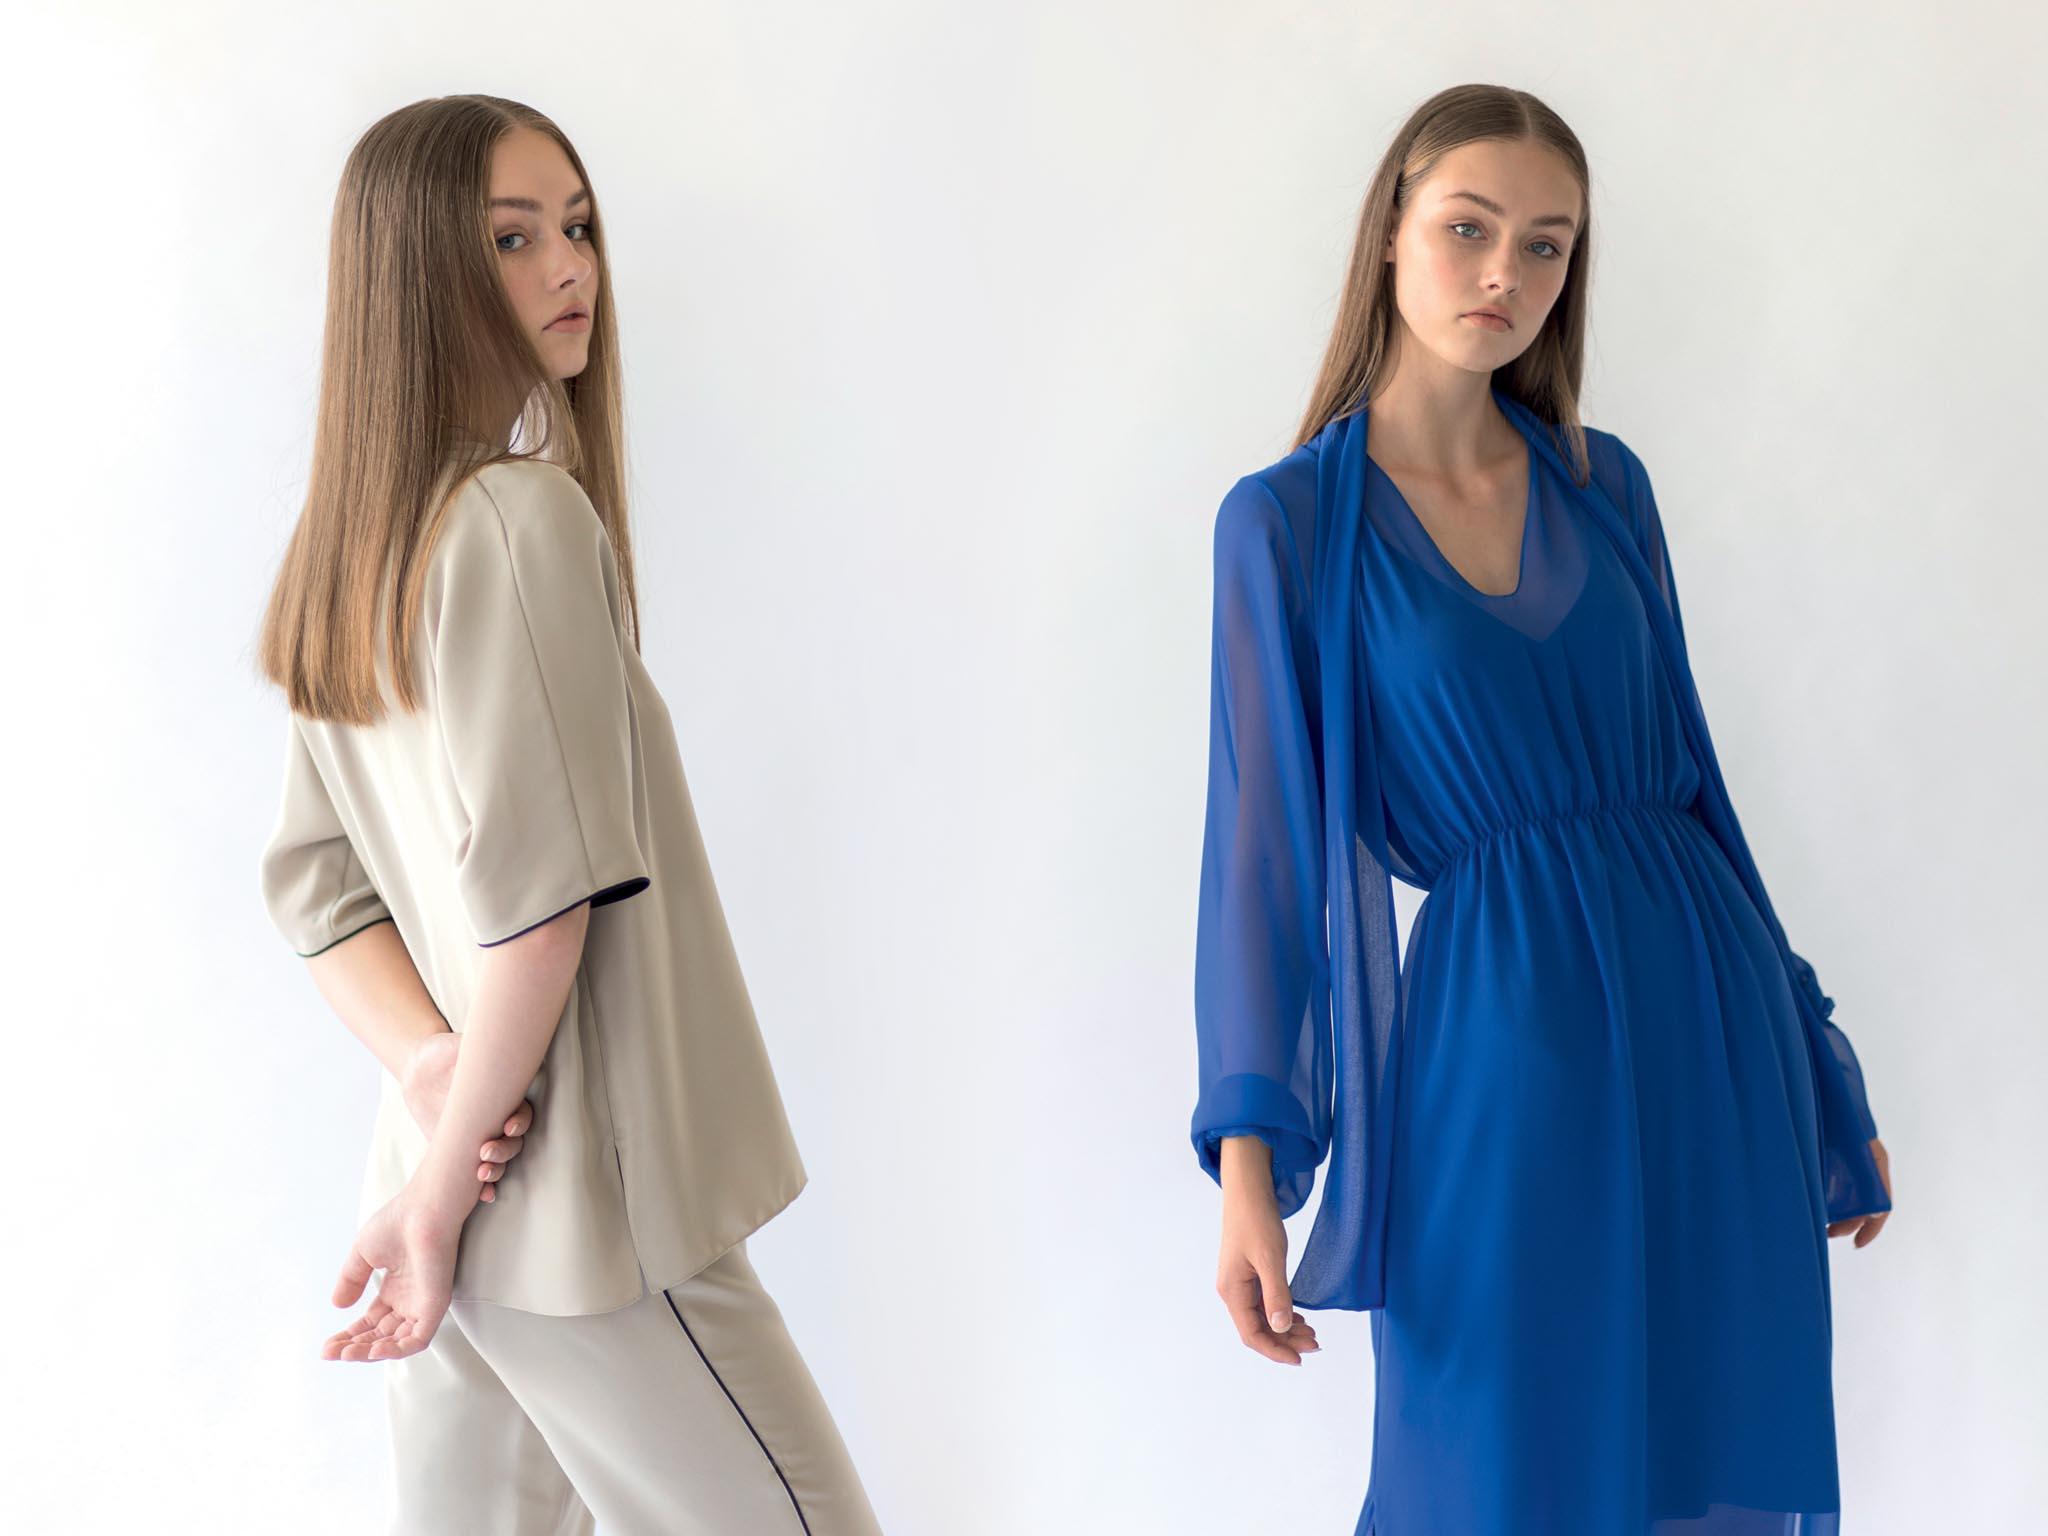 Návrhářka Zuzana Kubíčková otevírá vkavárně Cafe Cafe pop-up store své značky Pop. Kromě stálých kousků kolekce budou lákadlem ihedvábná pyžama vetřech barvách anové šifonové šaty.